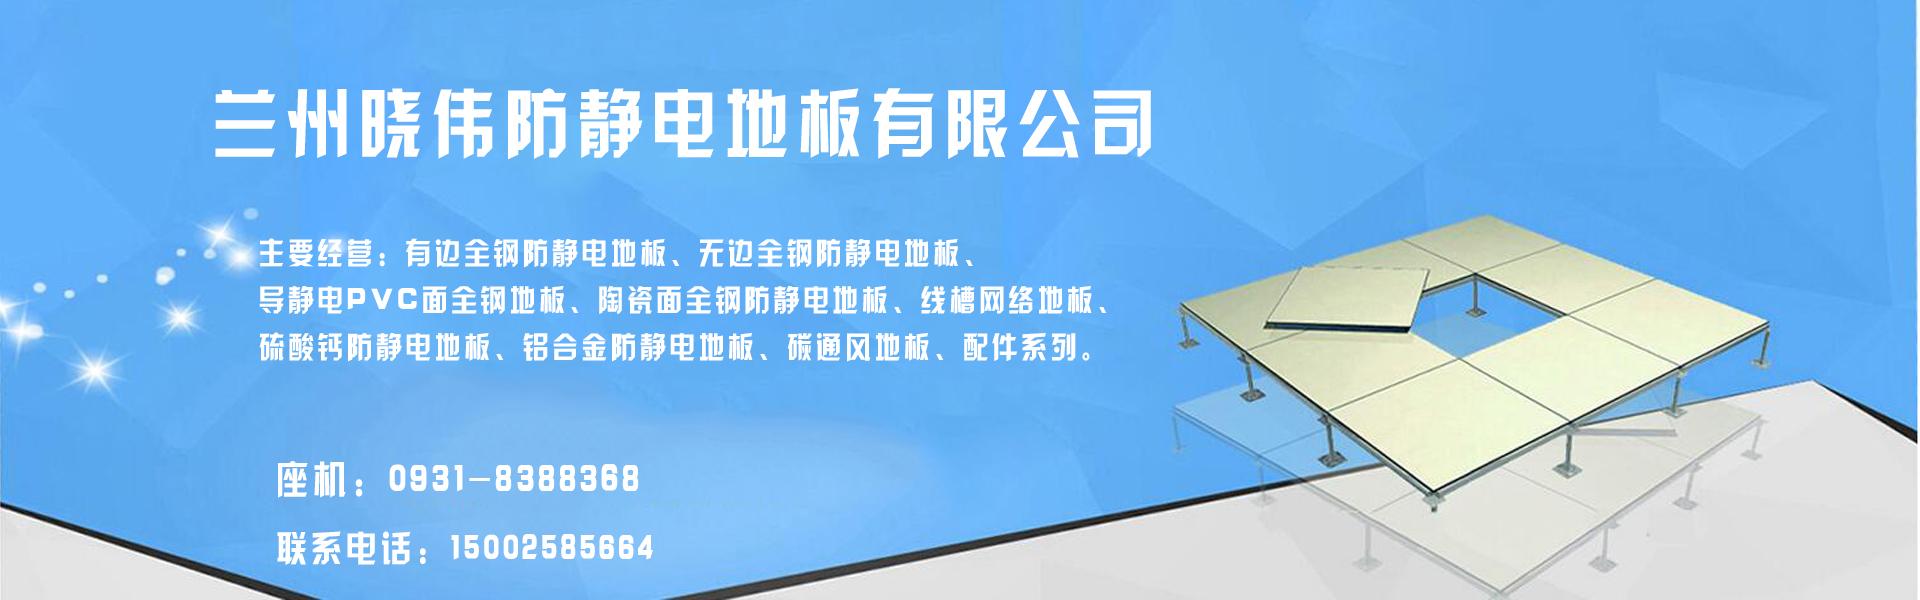 兰州晓伟防静电地板有限公司